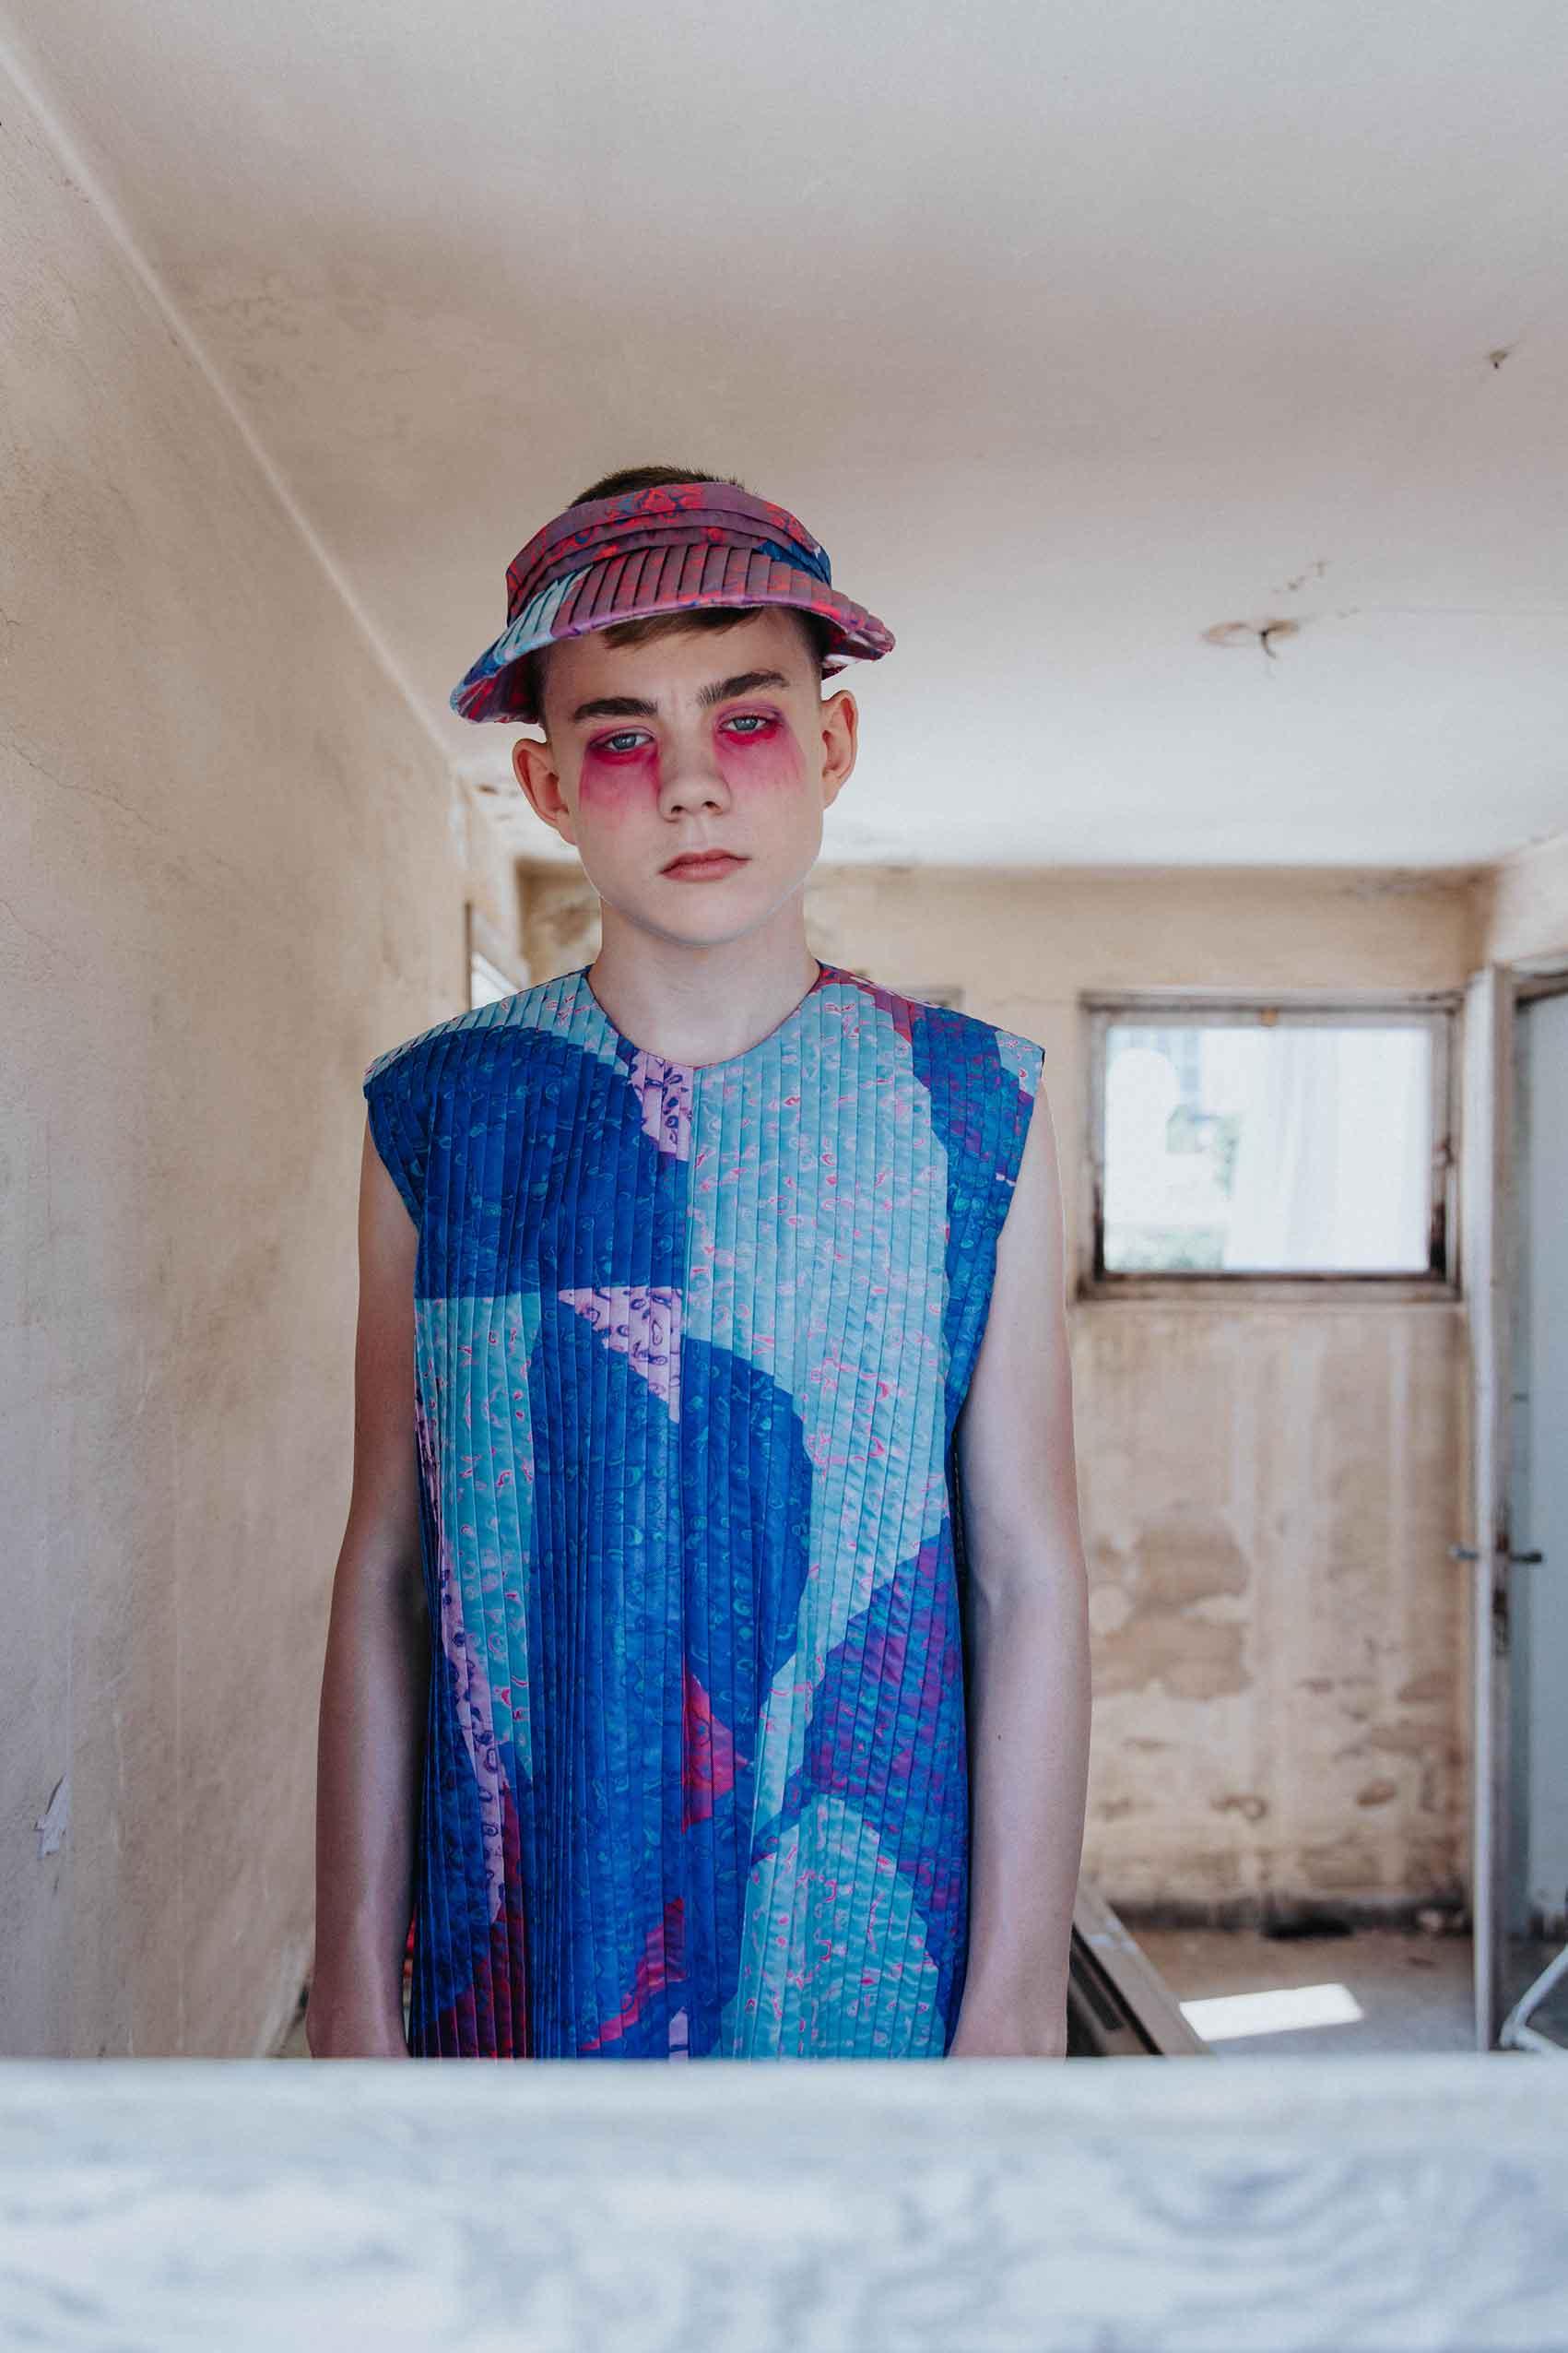 עיצוב-אופנה-סטייל-חדשות-אופנה-טרנדים-יהונתן-שלמה-פישר-בצלאל-מגזין-אופנה-חדשות-האופנה-מגזין-אופנה-ישראלי-עיצוב-אופנה